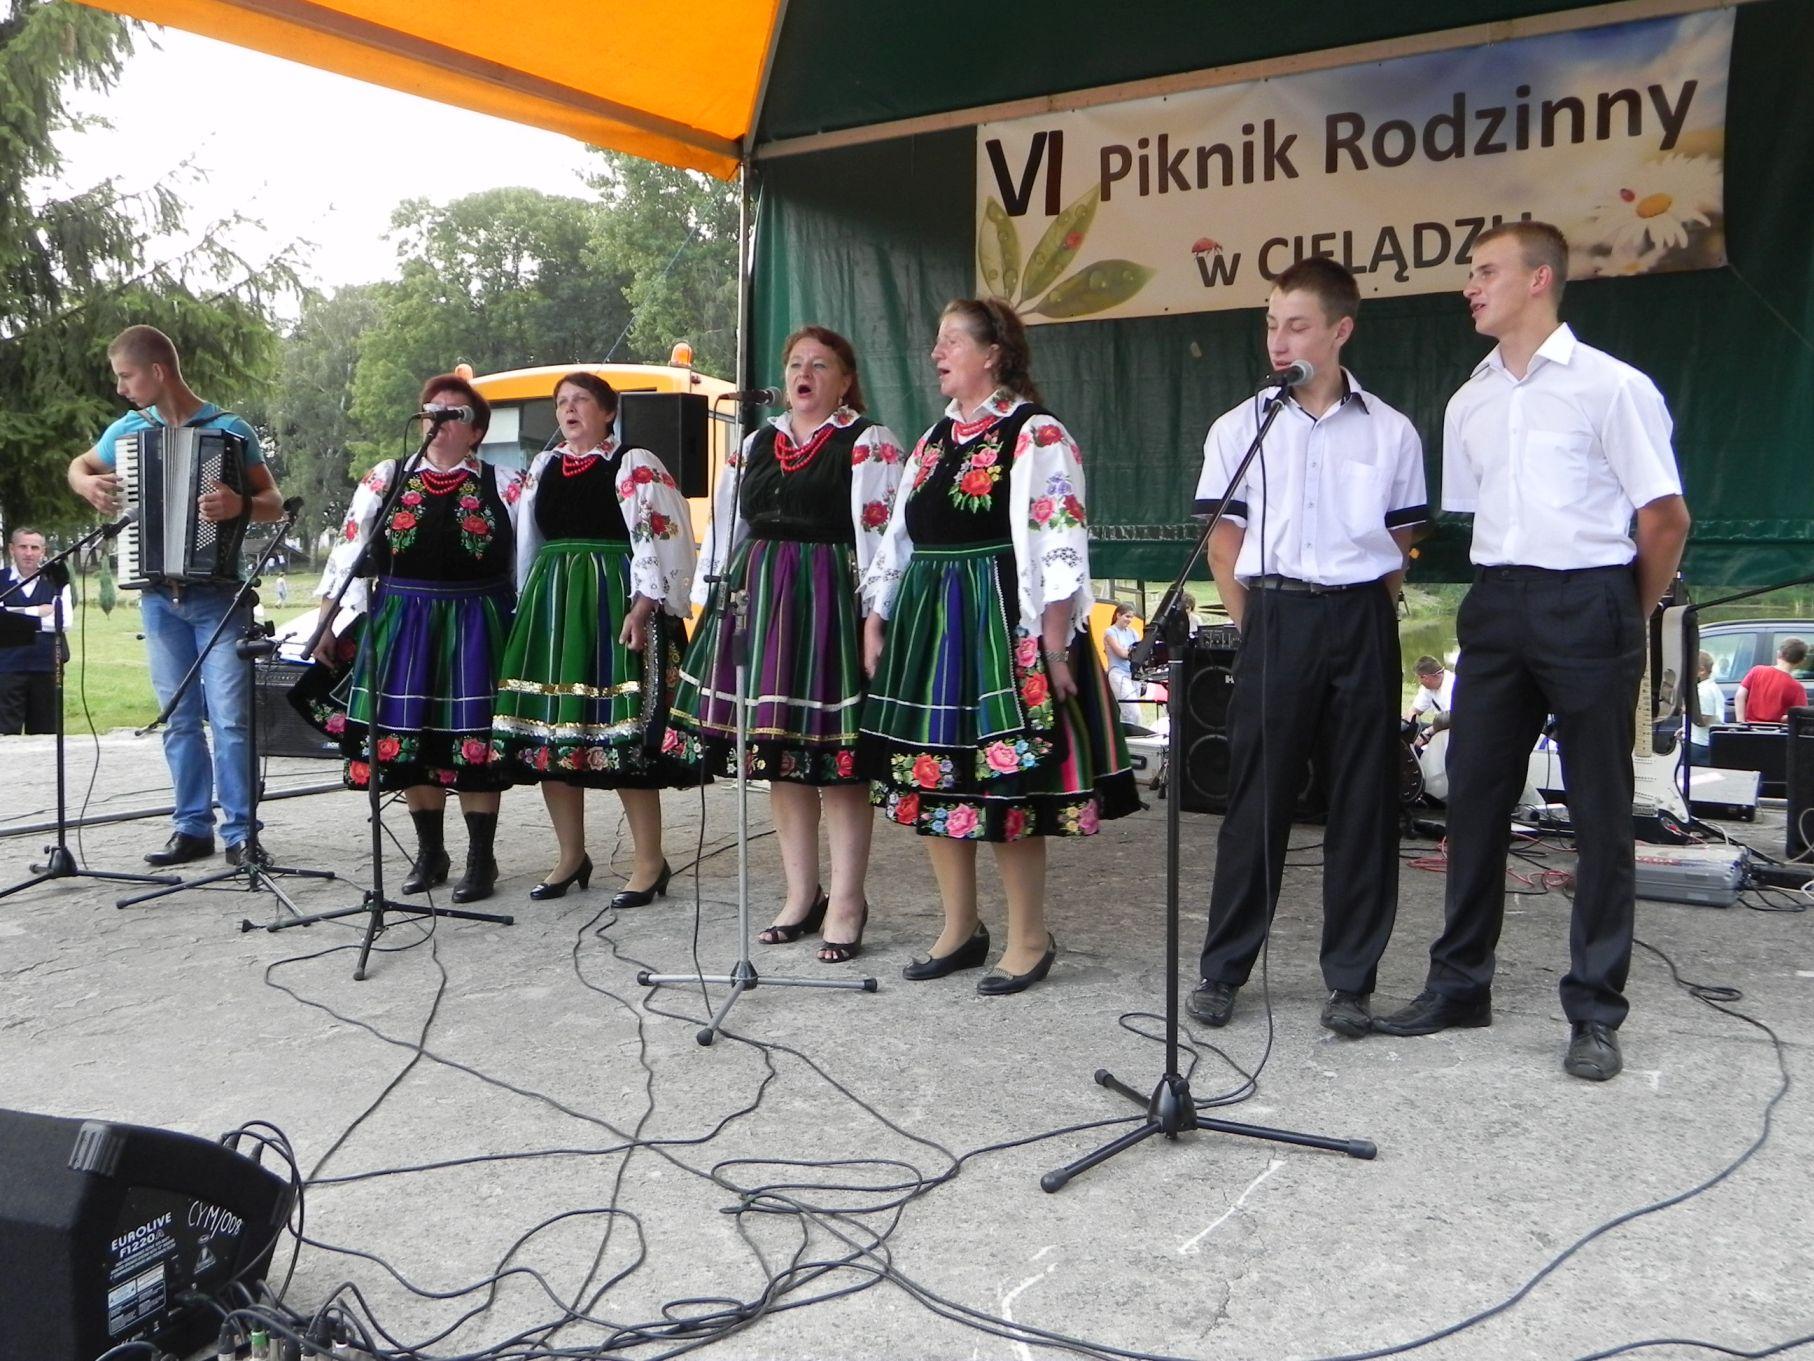 2013-08-18 Cielądz piknik (74)